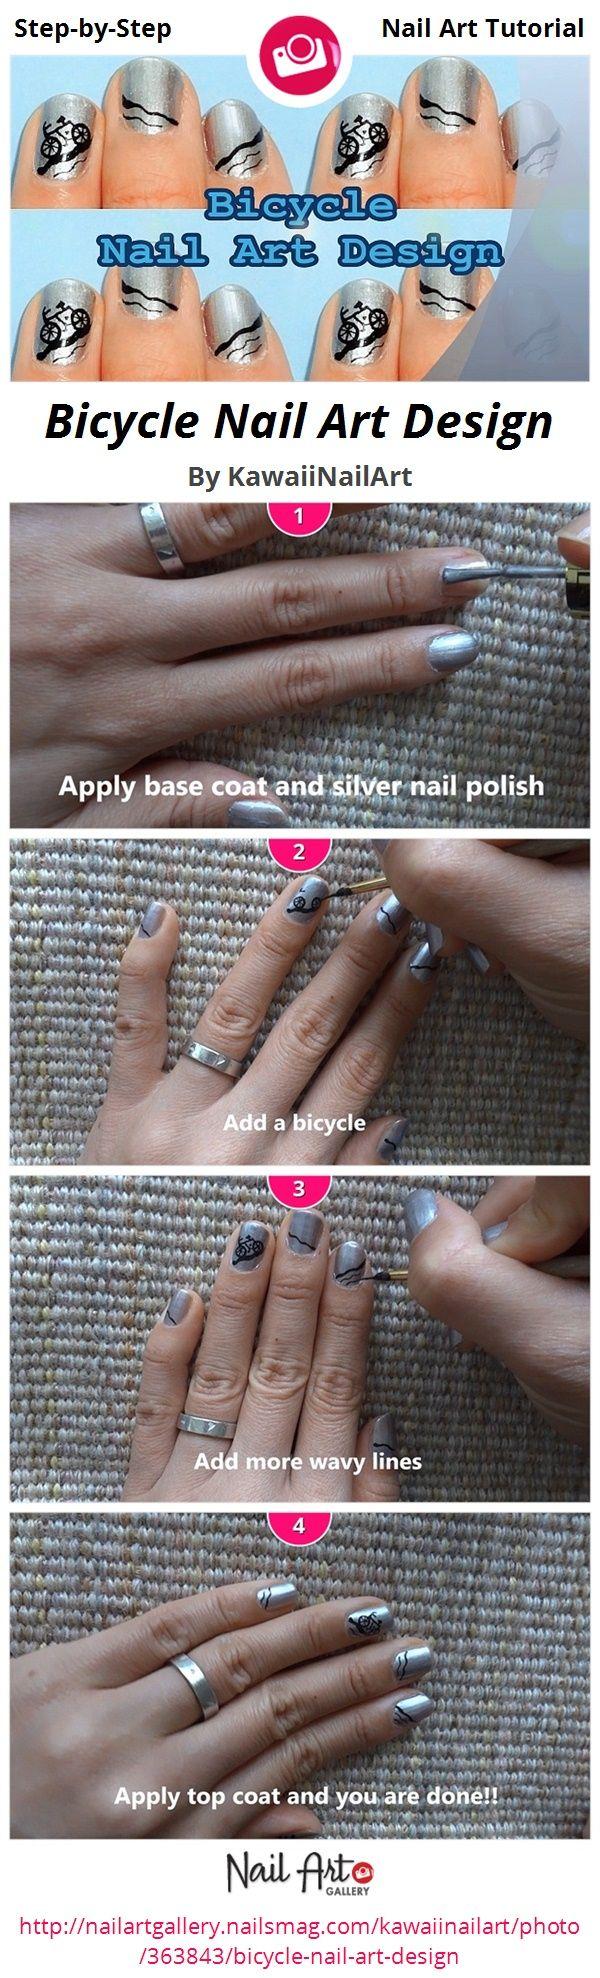 Bicycle Nail Art Design by KawaiiNailArt - Nail Art Gallery Step-by-Step Tutorials nailartgallery.nailsmag.com by Nails Magazine www.nailsmag.com #nailart